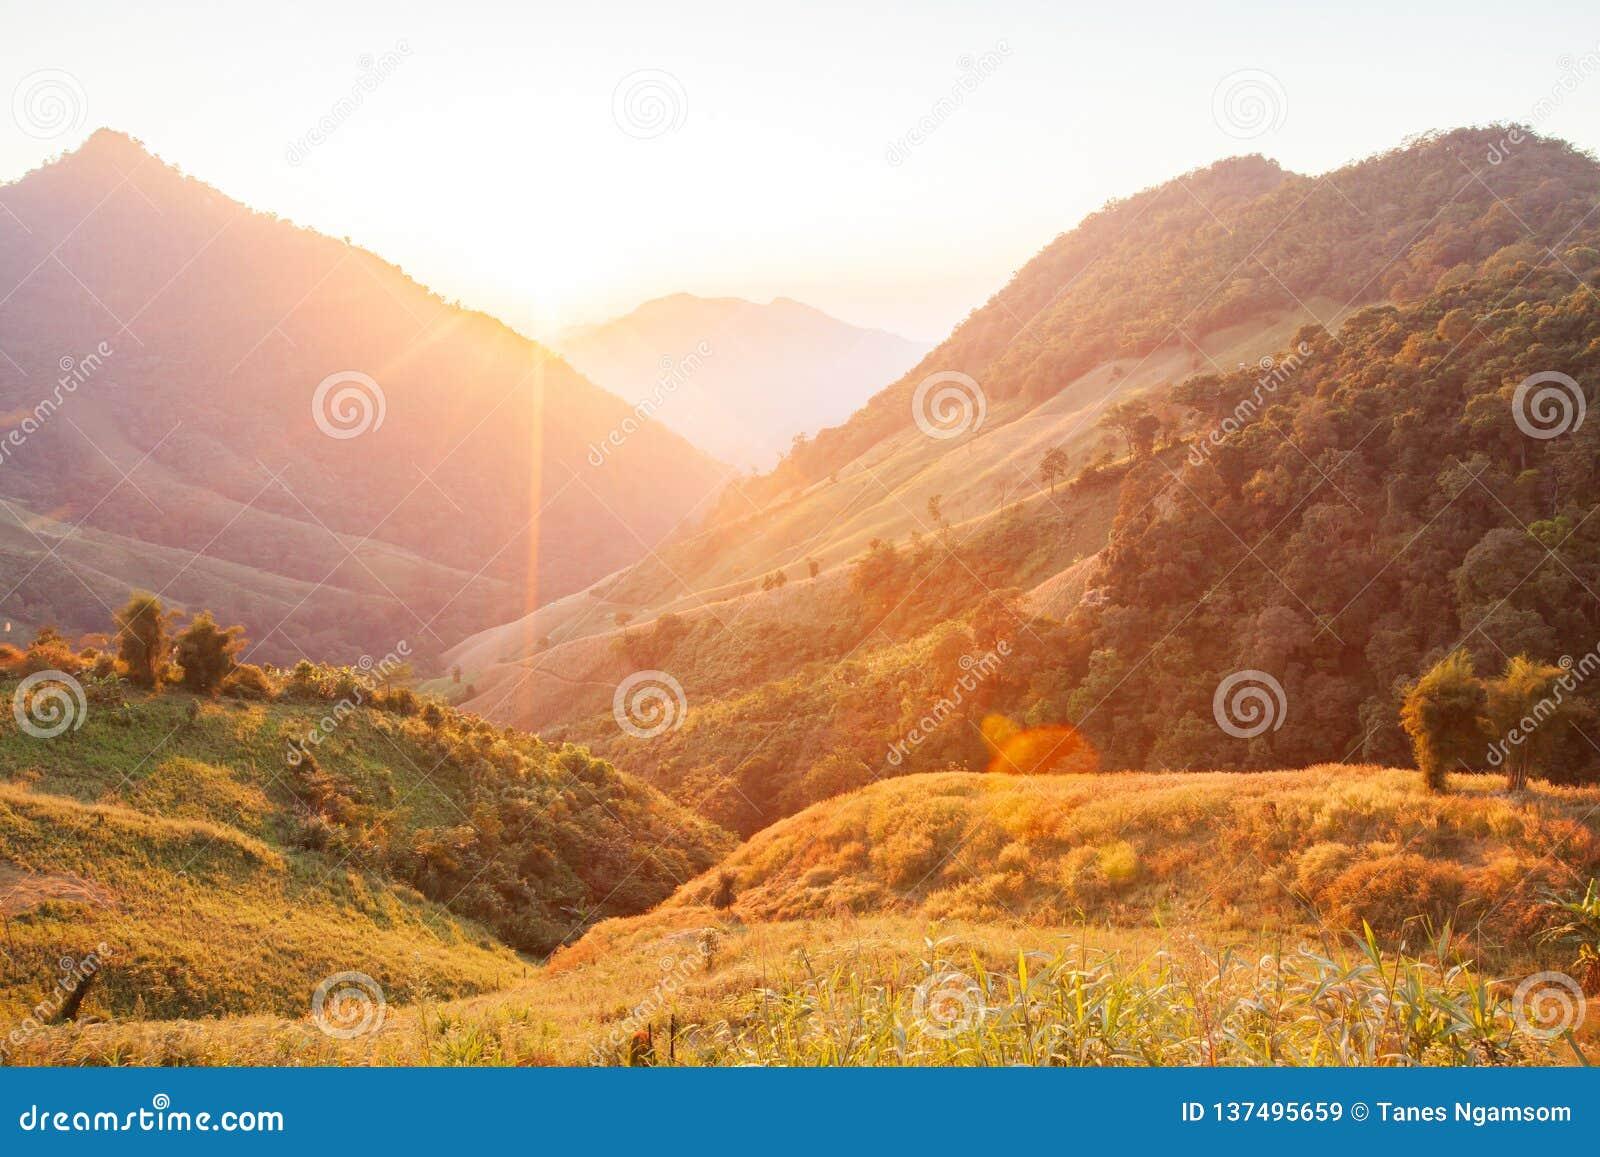 Mooie Tijd Helder en kleurrijk toneellandschap Het gouden zonlicht glanst onderaan rond de bergen en de padiegebieden fantastisch